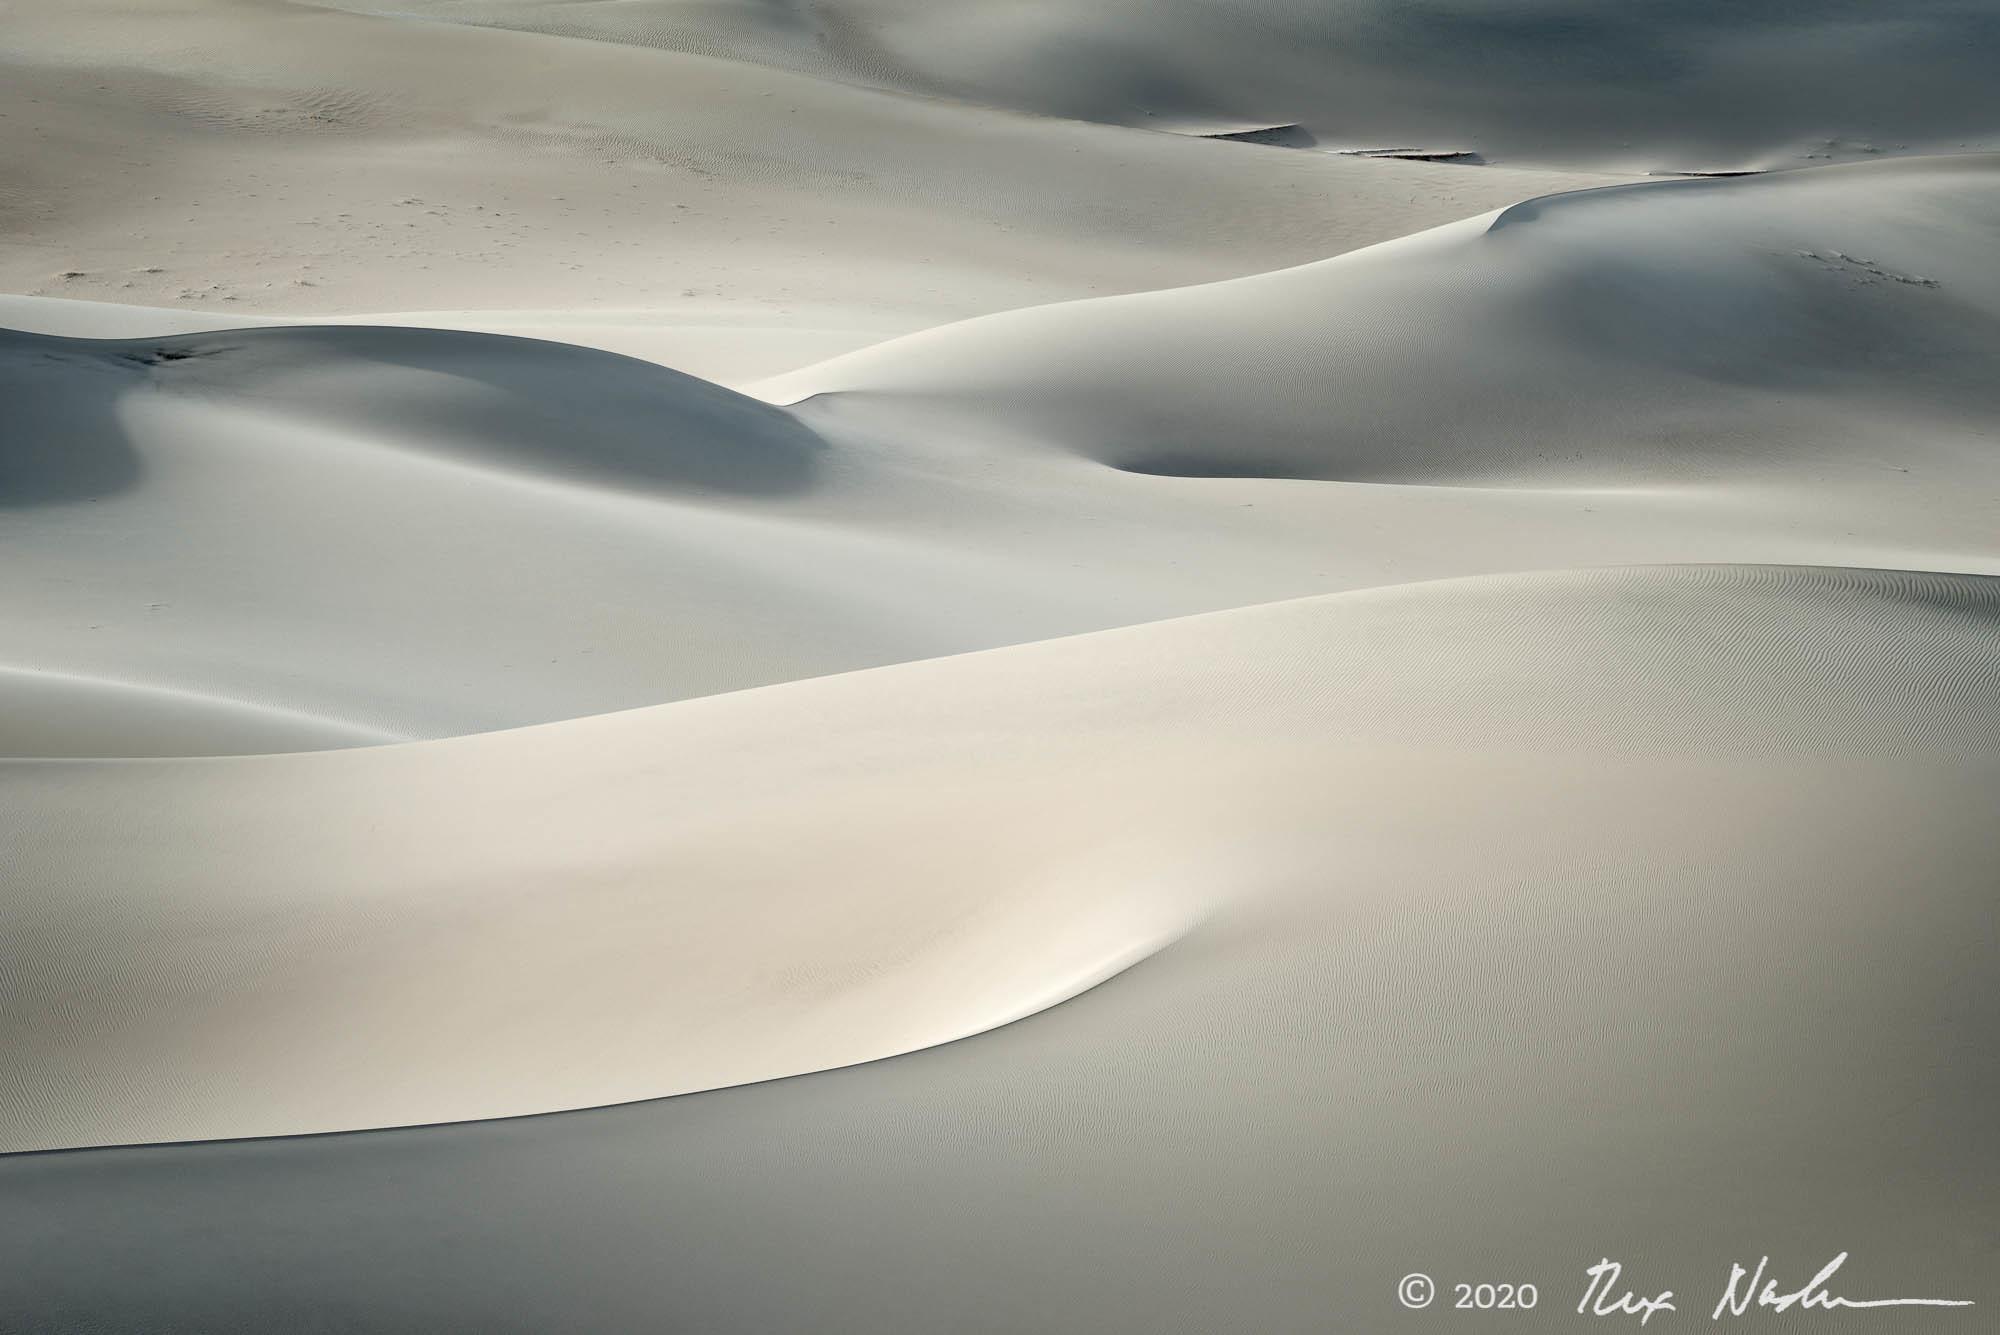 Integrals - Death Valley